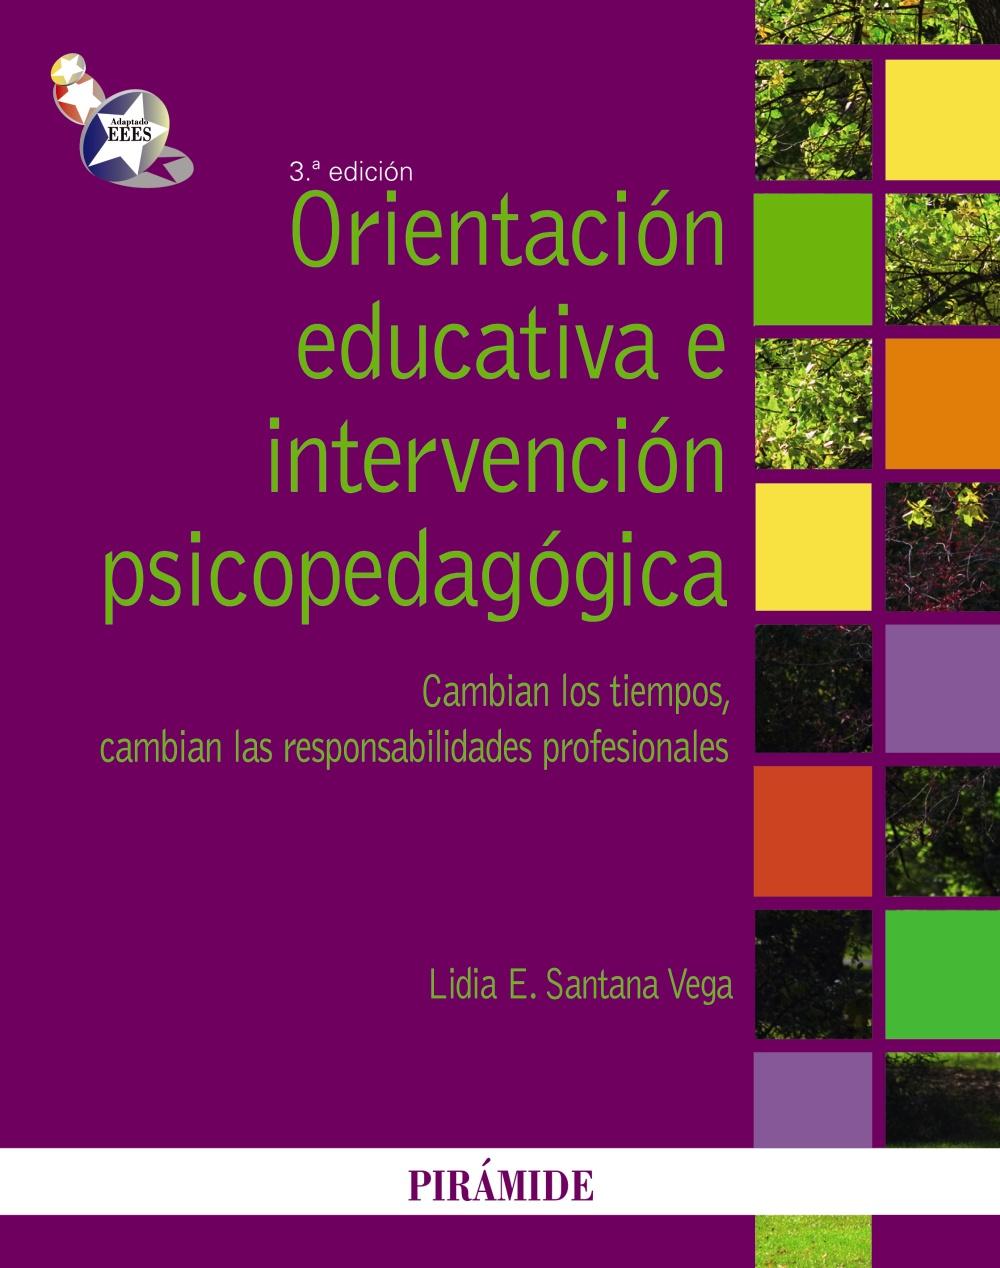 ORIENTACIÓN EDUCATIVA E INTERVENCIÓN PSICOPEDAGÓGICA : CAMBIAN LOS TIEMPOS, CAMBIAN LAS RESPONS